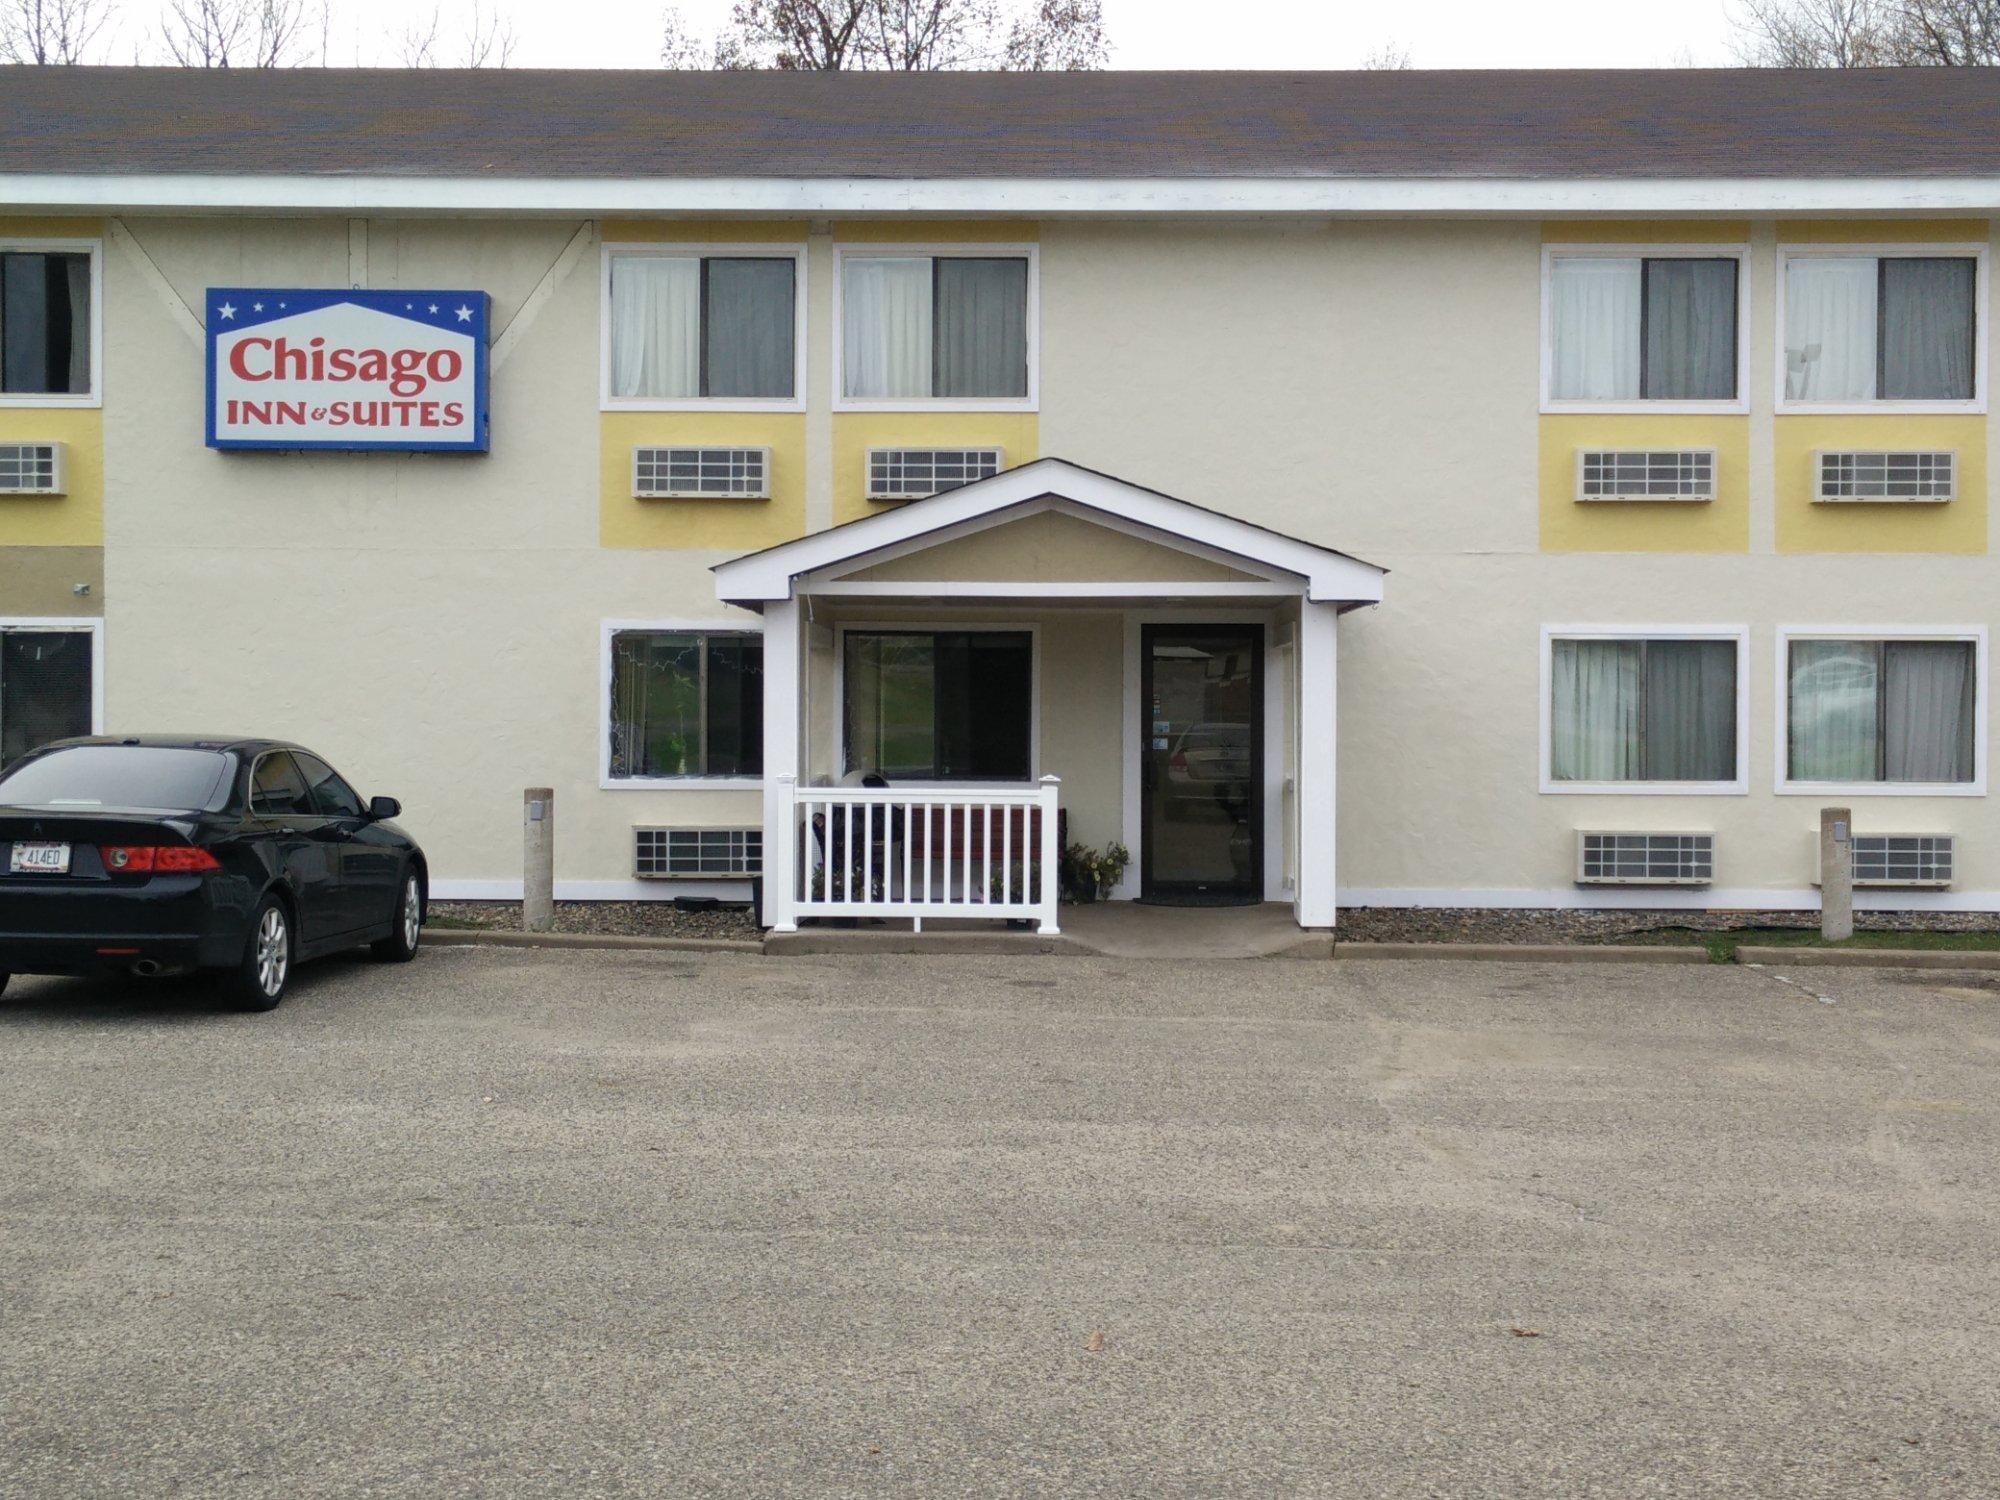 Chisago Inn & Suites